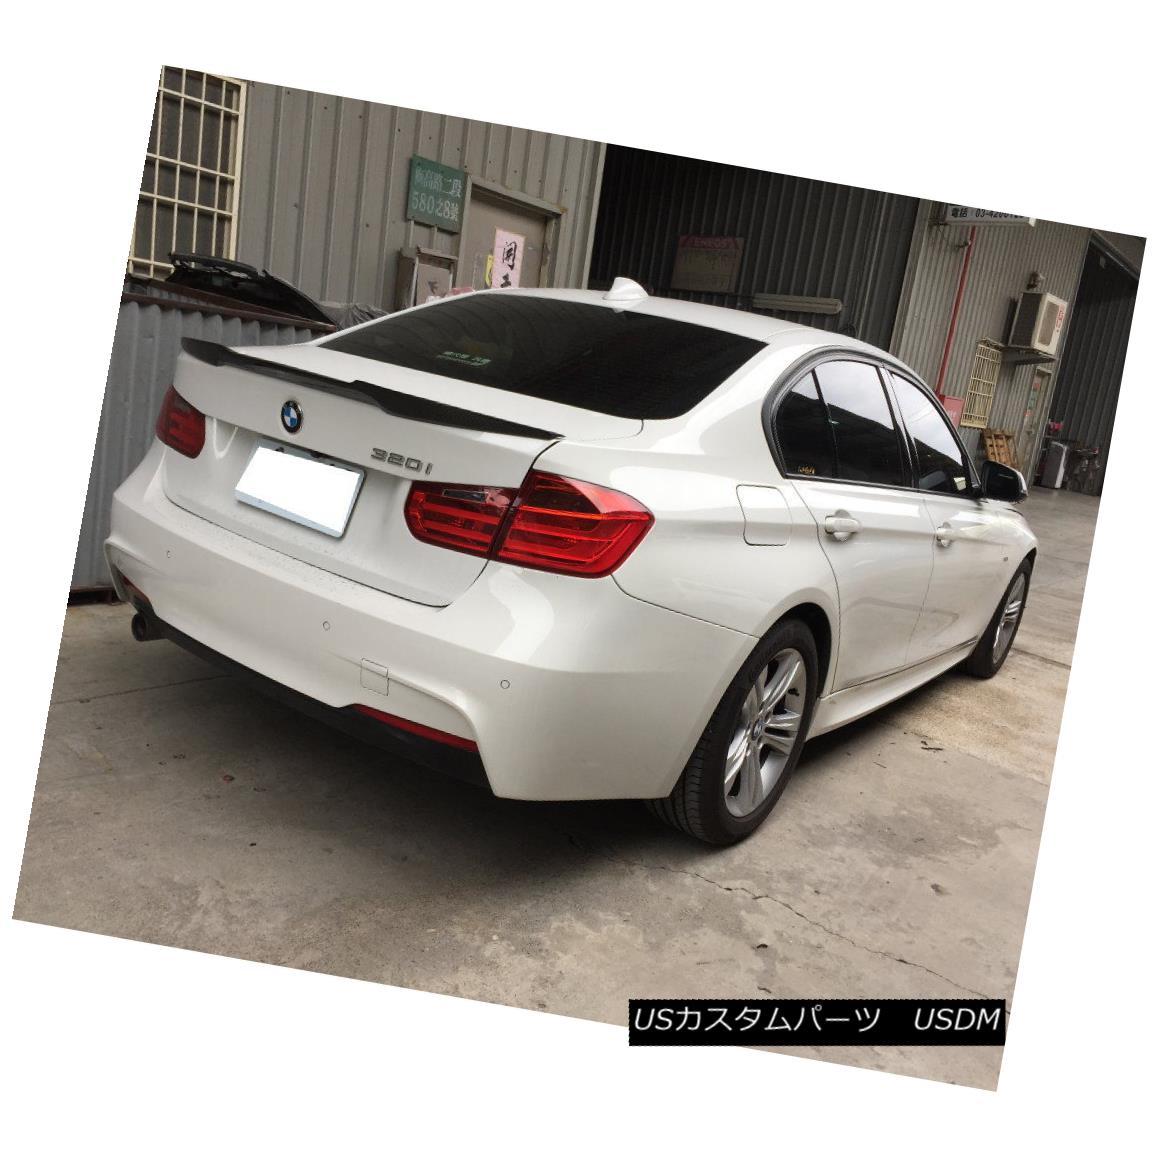 エアロパーツ Carbon Fiber V Type Rear Trunk Spoiler Wing For 12-17 BMW F30 F80 M3 Sedan 328i BMW F30 F80 M3セダン328i用カーボンファイバーVタイプリアトランクスポイラーウィング